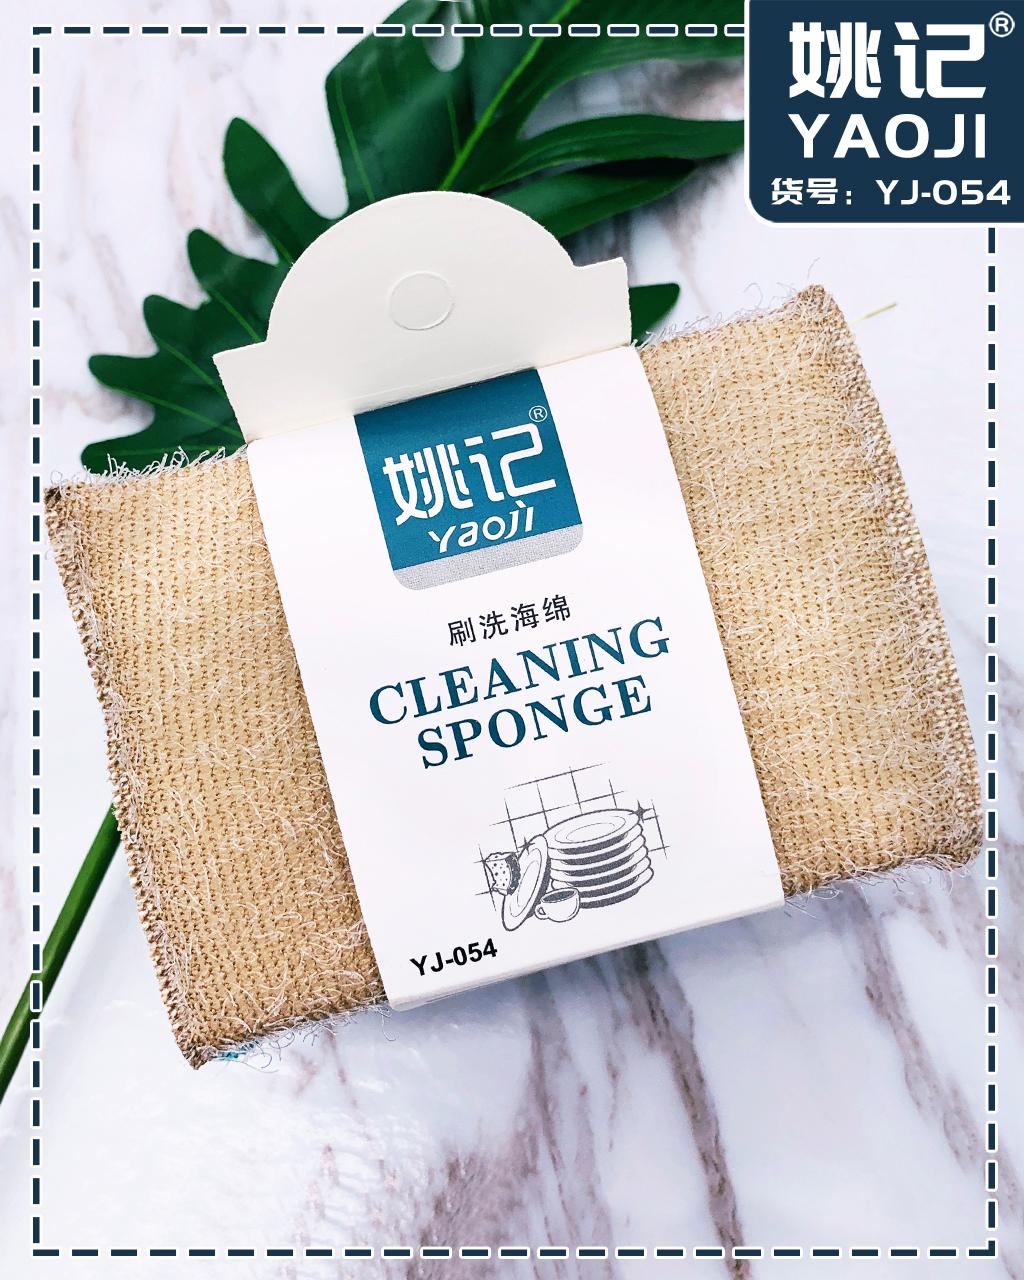 刷洗海綿(短毛絲線)4片裝—YJ054